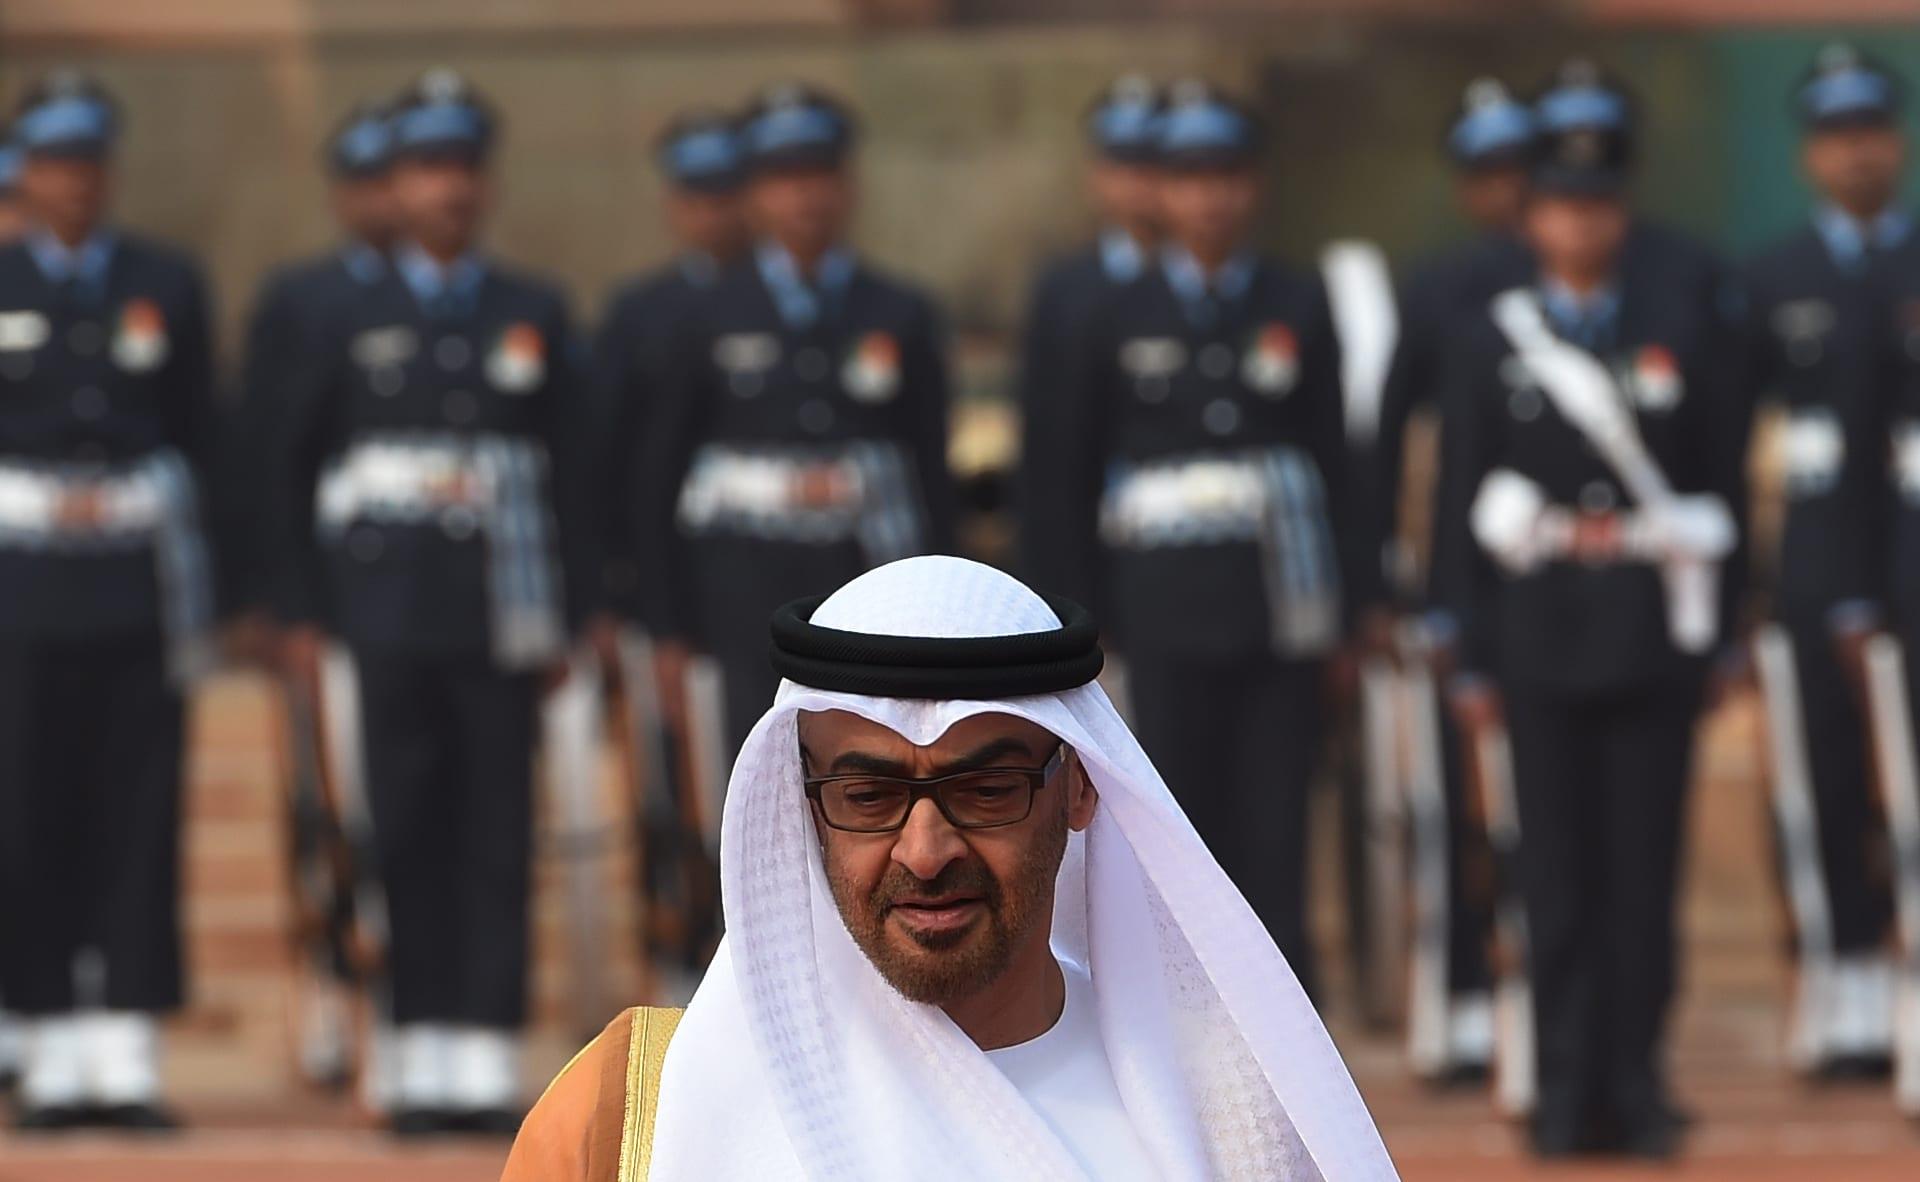 مجلس إفتاء الإمارات: المعاهدات من صلاحيات ولي الأمر الحصرية والسيادية